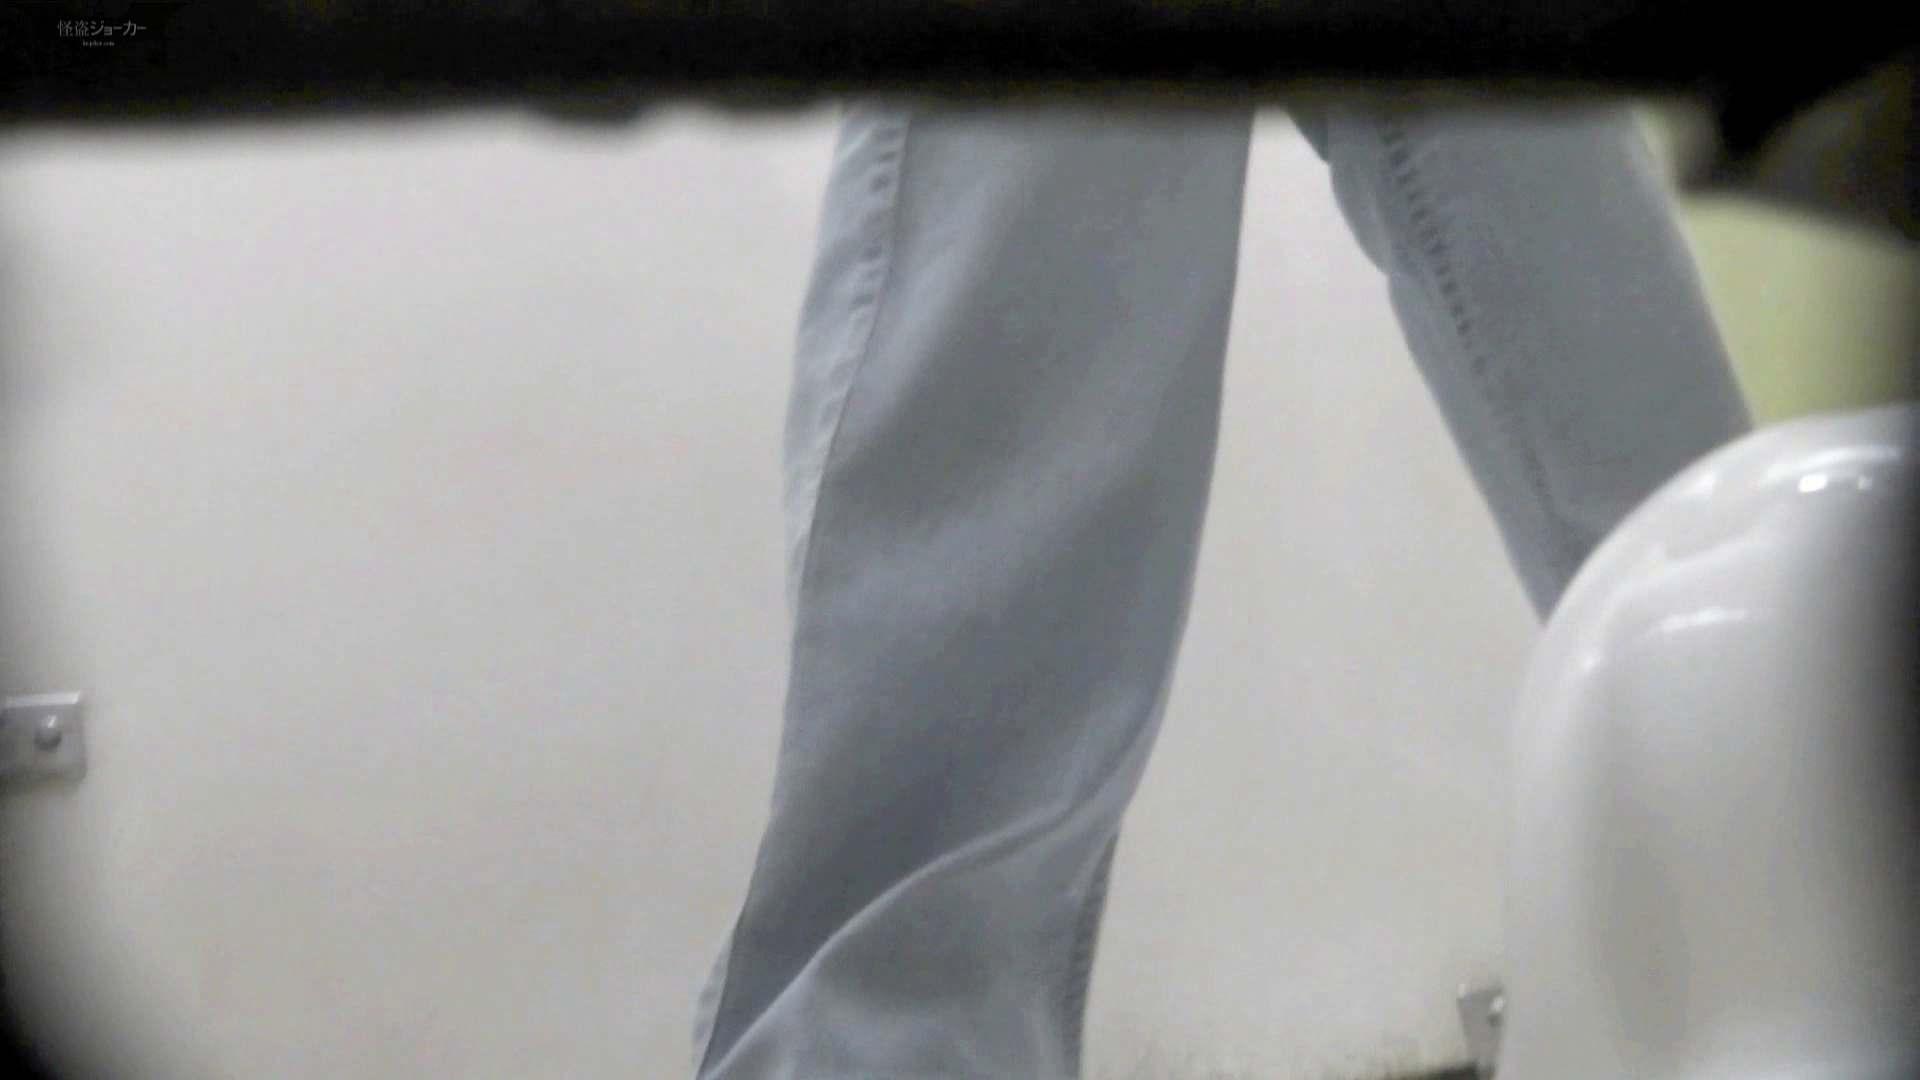 オマンコ丸見え:洗面所特攻隊 vol.69早く出て行け、デブちゃん外の子漏れちゃうよ:怪盗ジョーカー